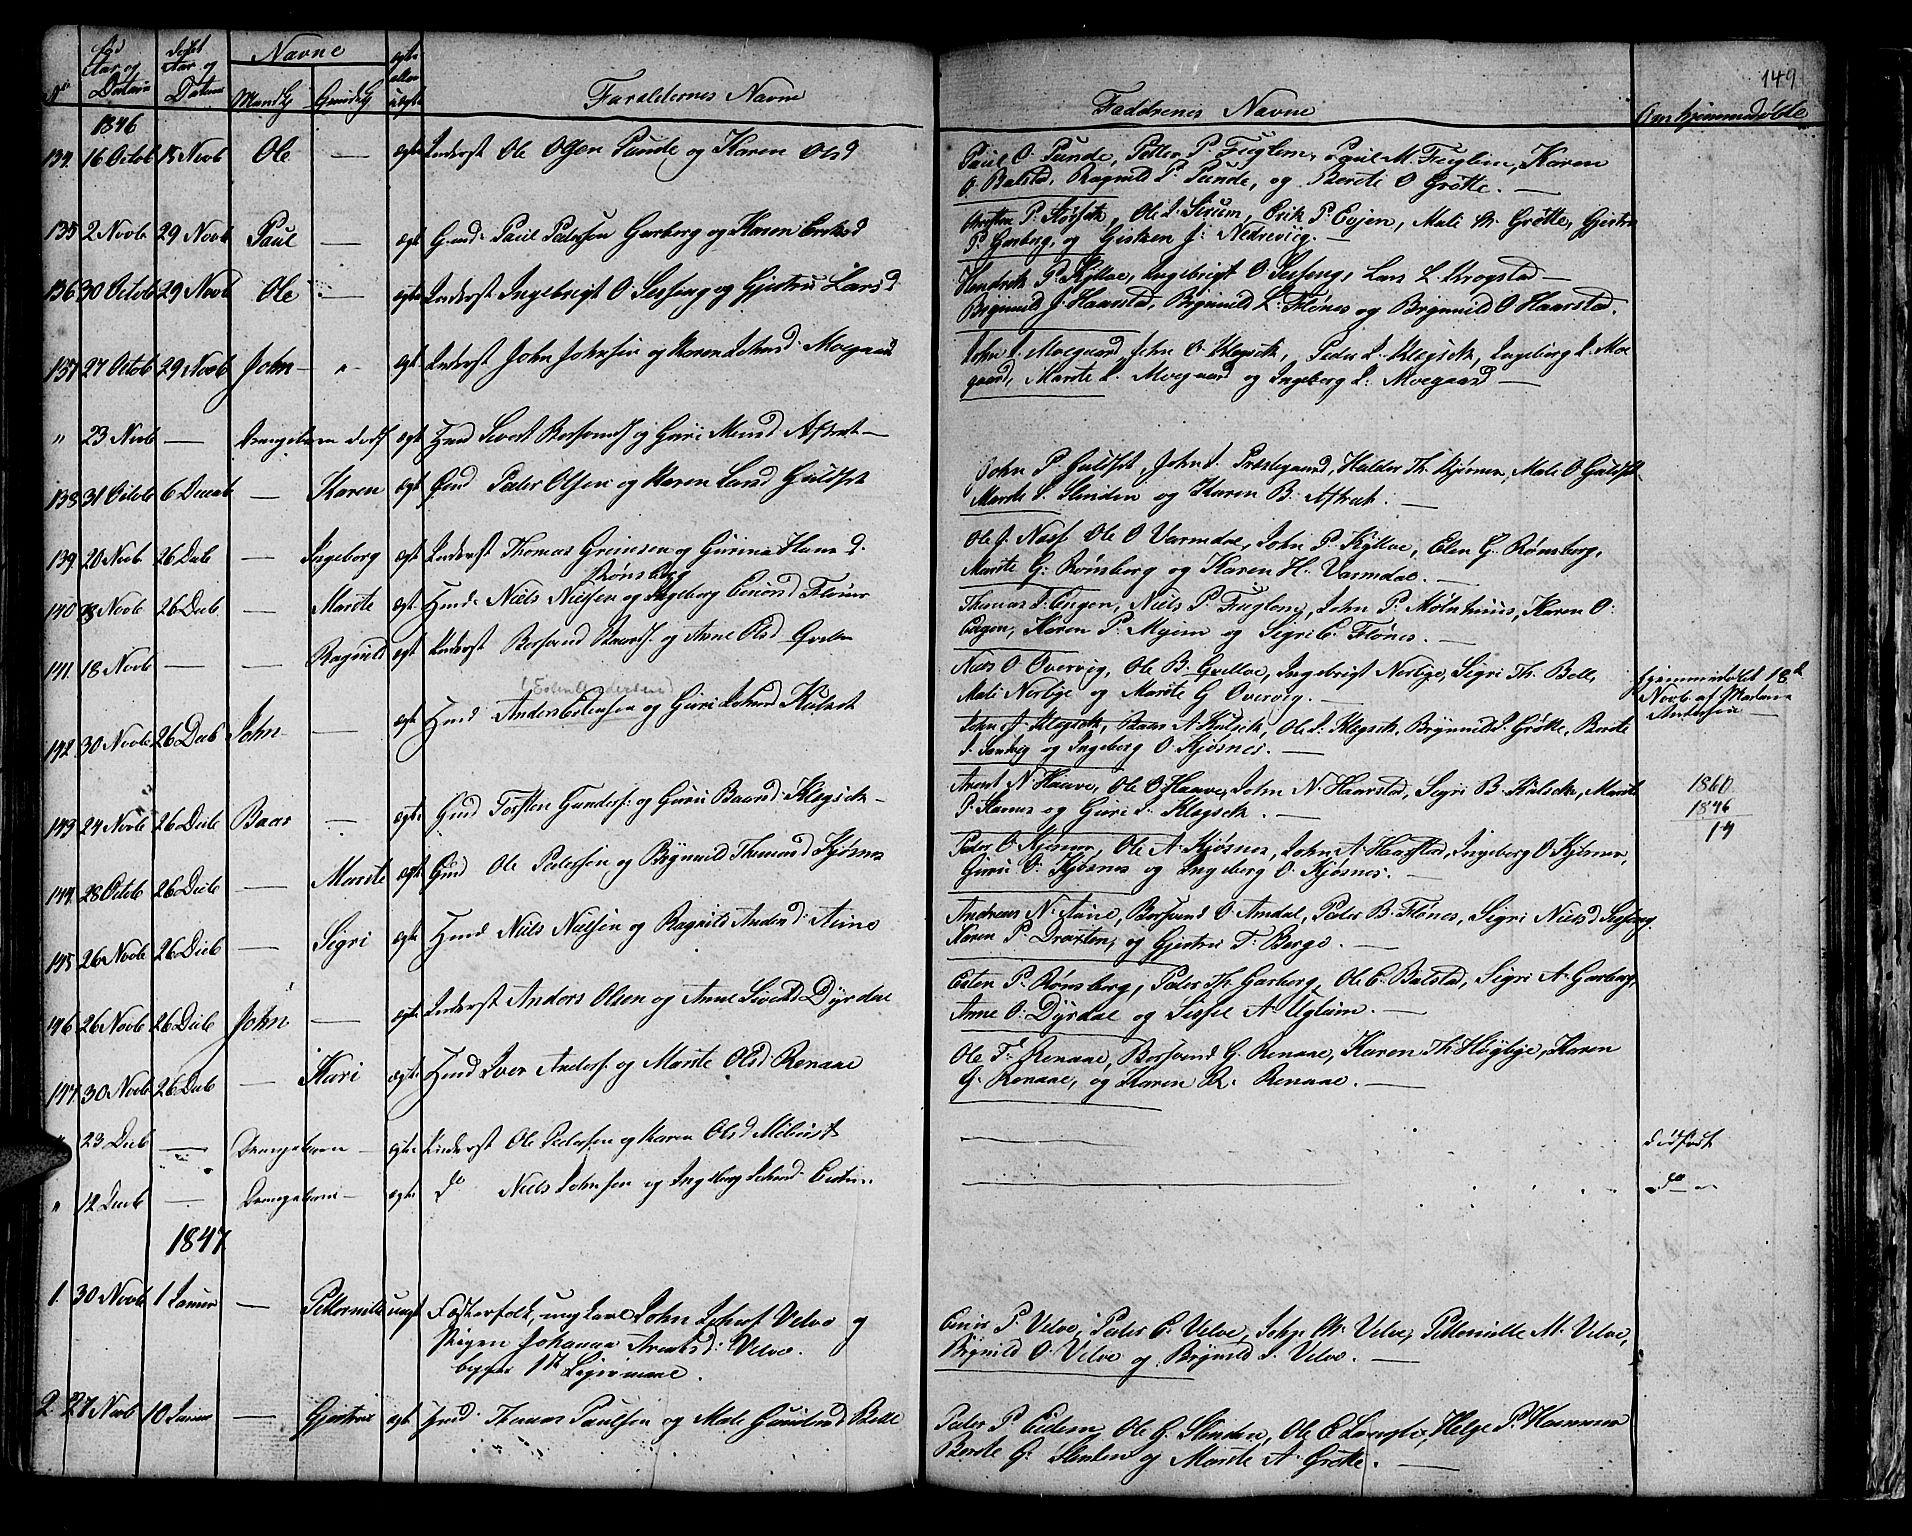 SAT, Ministerialprotokoller, klokkerbøker og fødselsregistre - Sør-Trøndelag, 695/L1154: Klokkerbok nr. 695C05, 1842-1858, s. 149